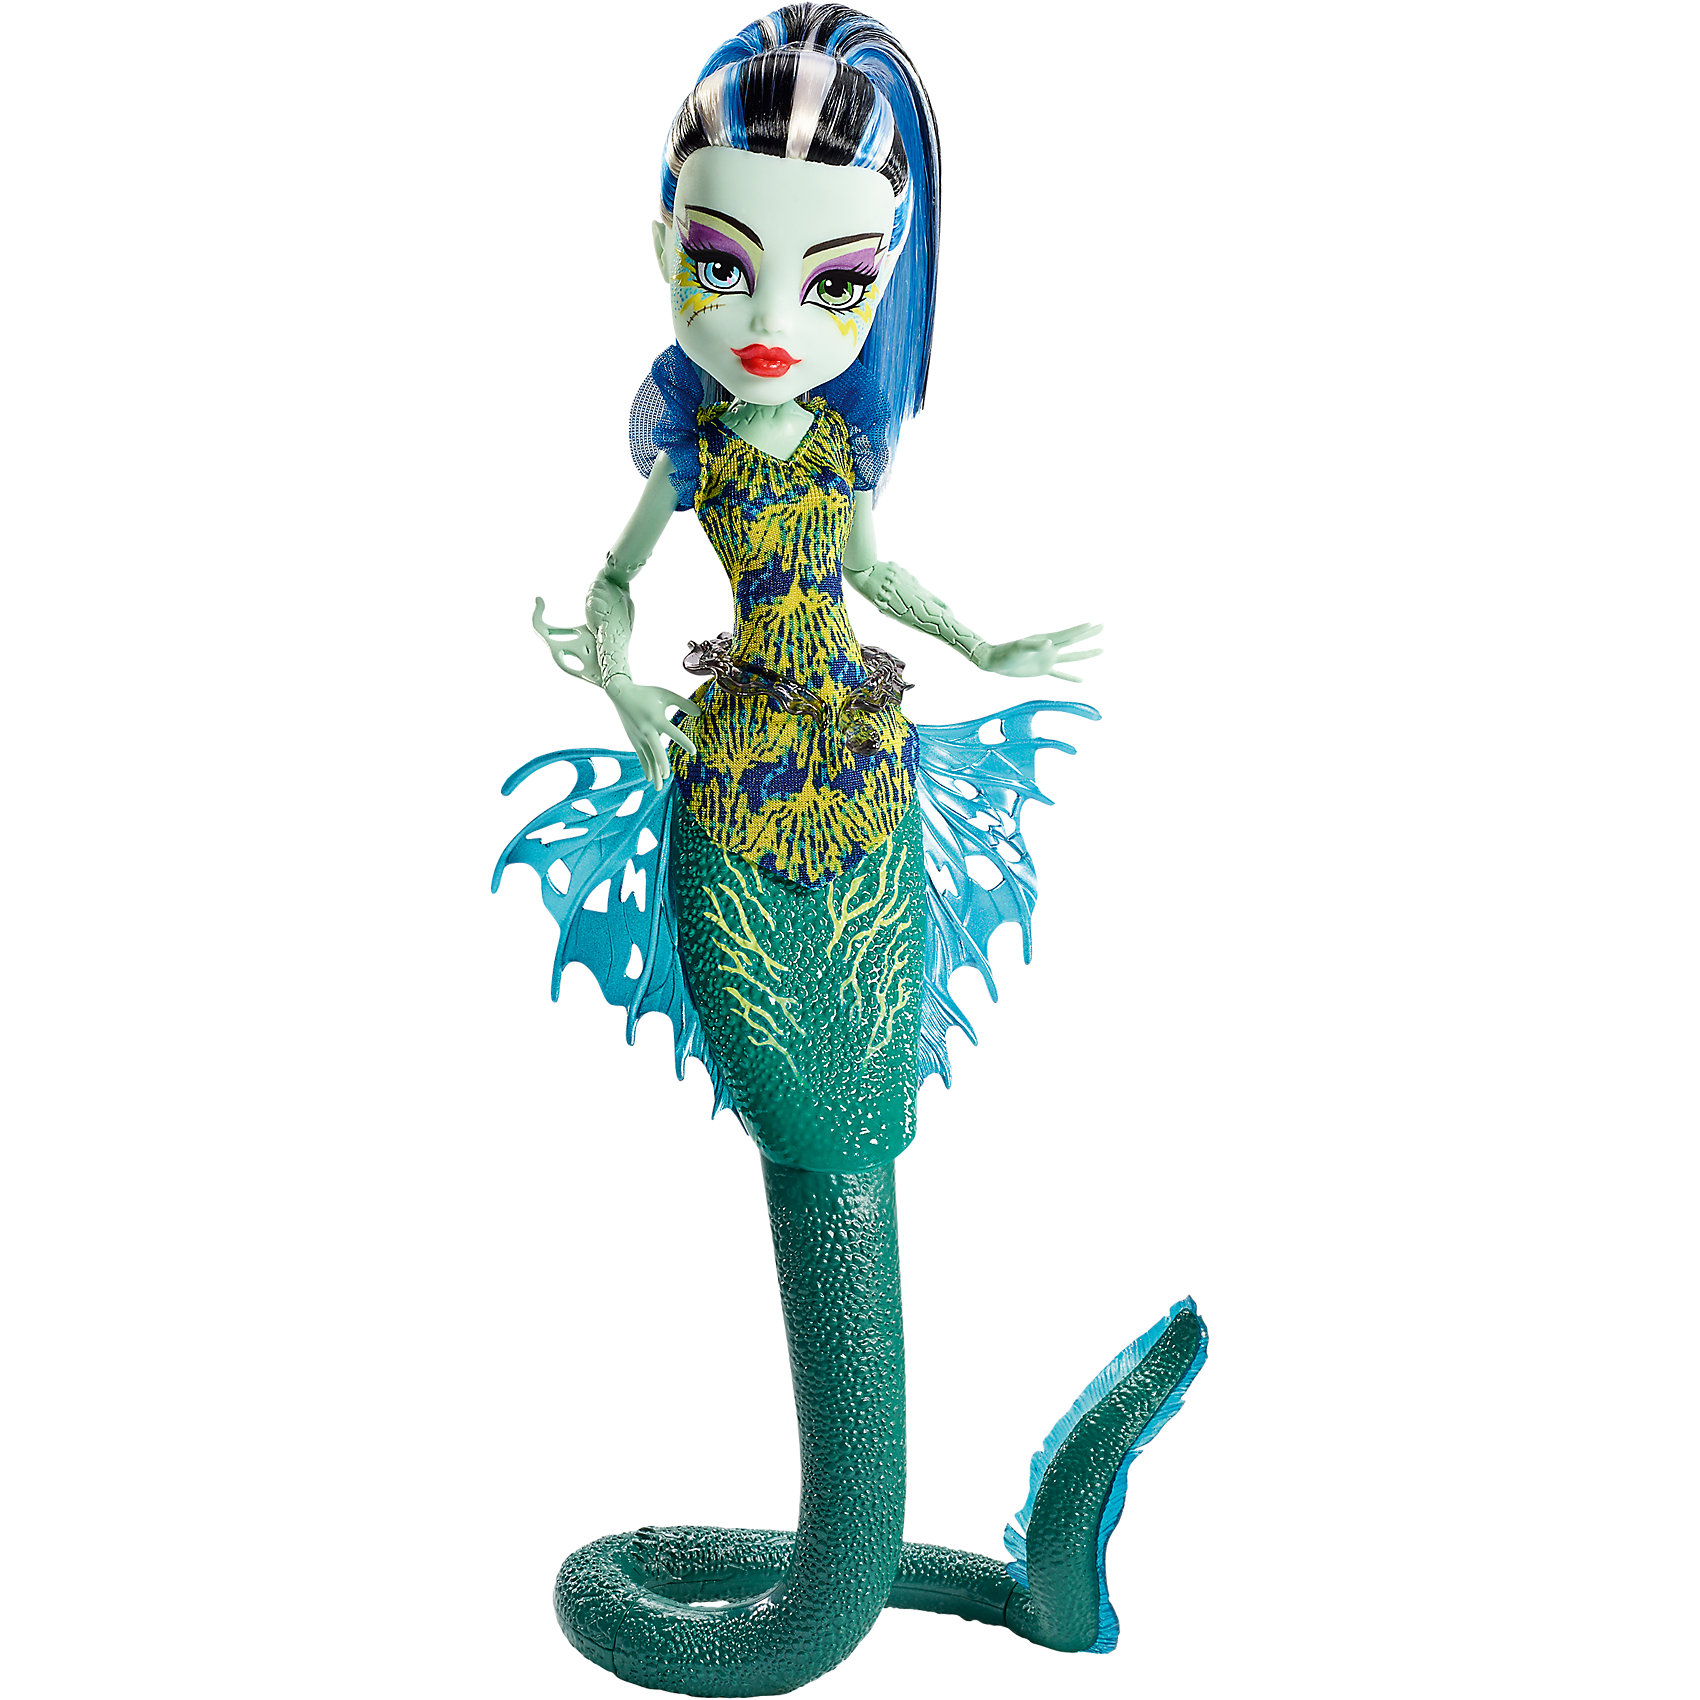 Кукла Френки Штейн Большой Кошмарный Риф, Monster HighПопулярные игрушки<br>Кукла Френки Штейн Большой Кошмарный Риф, Monster High (Монстер Хай) - жутковатая но симпатичная девочка-монстр, дочь профессора Франкенштейна из популярного мультсериала Школа монстров. Вместе с другими детьми знаменитых монстров она учится в Школе монстров, где каждый из учеников отличается своими уникальными особенностями и способностями. У Фрэнки длинные черно-белые волосы с синими прядками, уложенные в хвост, бледно-зеленая кожа и разноцветные глаза: голубой и зеленый, пара шрамов дополняют образ очаровательного монстрика. <br>В новой линейке кукол Большой Кошмарный Риф (Great Scarrier Reef) популярные подружки-монстры представлены в виде причудливых морских обитателей и обладают чудесной особенностью - деталями, которые светятся в темноте! Это позволяет им не потеряться в темных глубинах океана. Френки Штейн (Frankie Stein) смотрится очень эффектно в образе электрического угря с длинным зелеными хвостом и красивыми ажурными плавниками, которые позволяют ей легко перемещаться под водой. Она одета в стильное платье без рукавов с оригинальным поясом в виде водяной змеи. Тело куколки на шарнирах, ноги и хвост сгибаются и разгибаются, благодаря чему она может принимать различные положения. В комплект также входит подставка для куклы.<br><br>Дополнительная информация:<br><br>- В комплекте: кукла, подставка.<br>- Материал: пластик, текстиль.<br>- Высота куклы: 27 см. <br>- Размер упаковки: 33 x 16 x 7 см.<br>- Вес: 0,24 кг.<br><br>Куклу Френки Штейн Большой Кошмарный Риф, Monster High, можно купить в нашем интернет-магазине.<br><br>Ширина мм: 331<br>Глубина мм: 157<br>Высота мм: 71<br>Вес г: 236<br>Возраст от месяцев: 72<br>Возраст до месяцев: 120<br>Пол: Женский<br>Возраст: Детский<br>SKU: 4349956